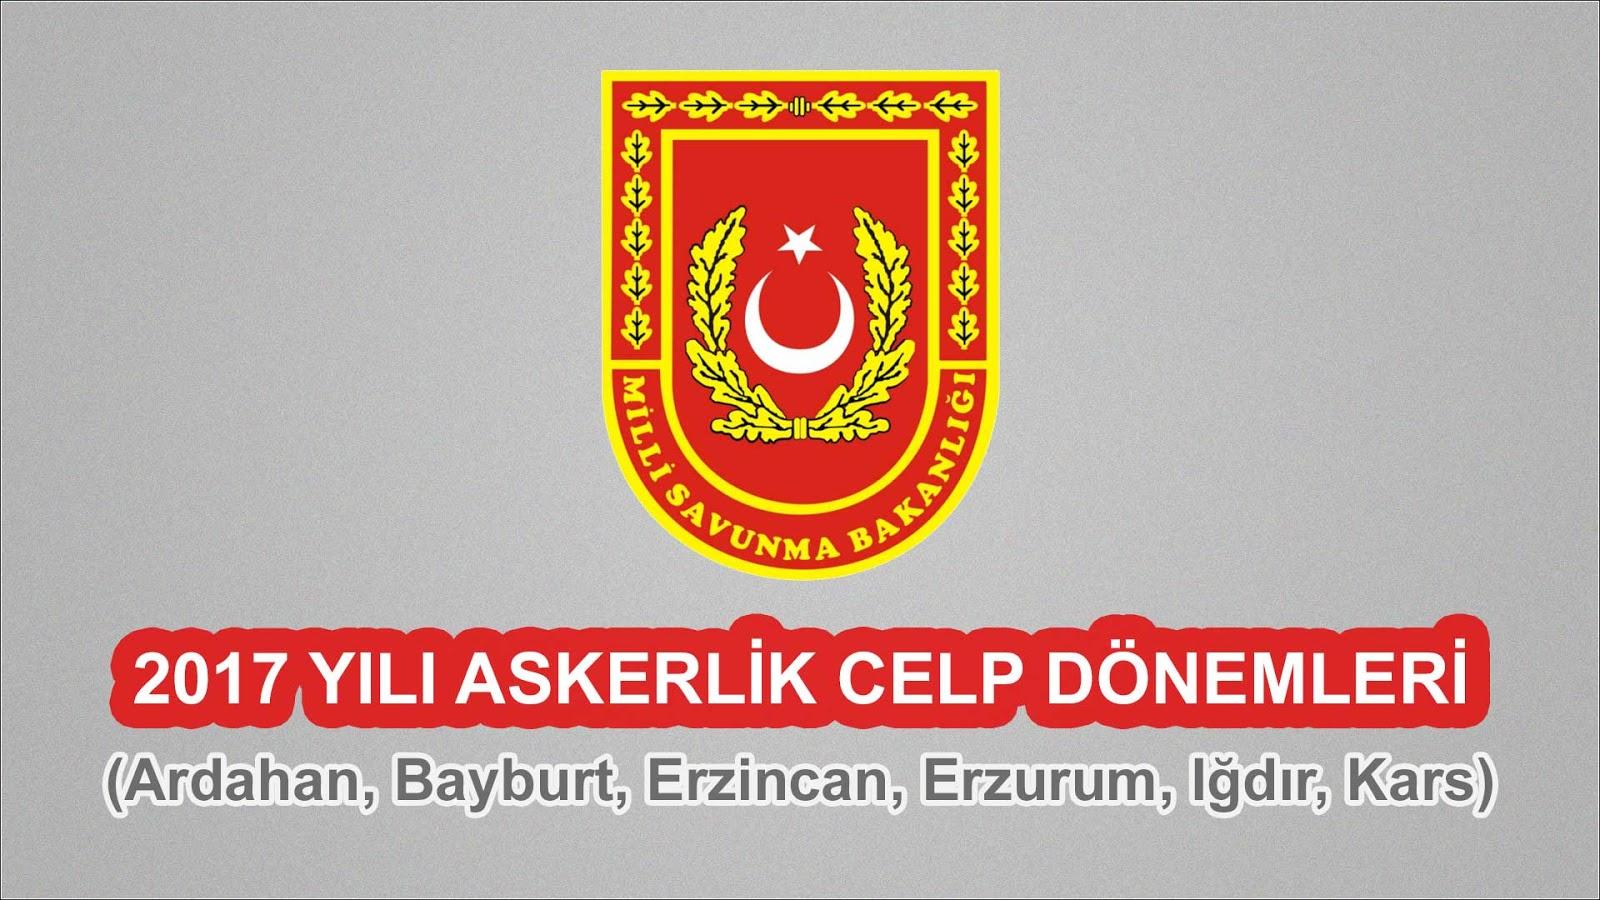 2017 Yılı Erzincan, Erzurum, Kars Askerlik Celp Dönemleri